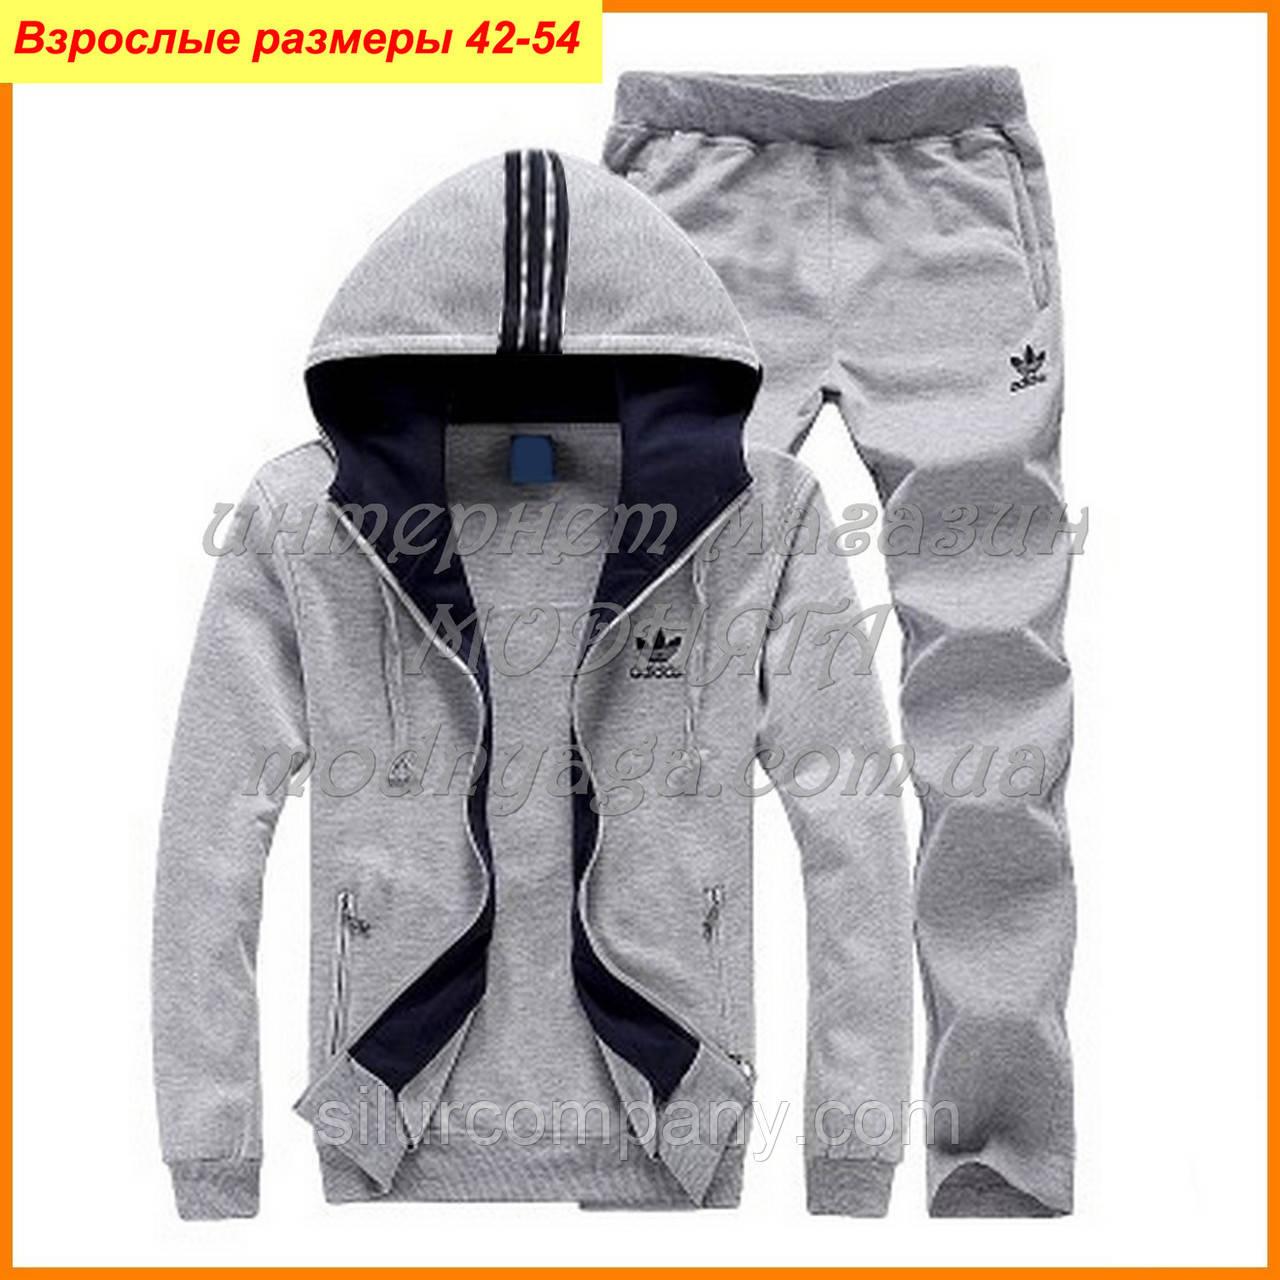 17c33e84 Мужские спортивные костюмы Адидас - Интернет магазин